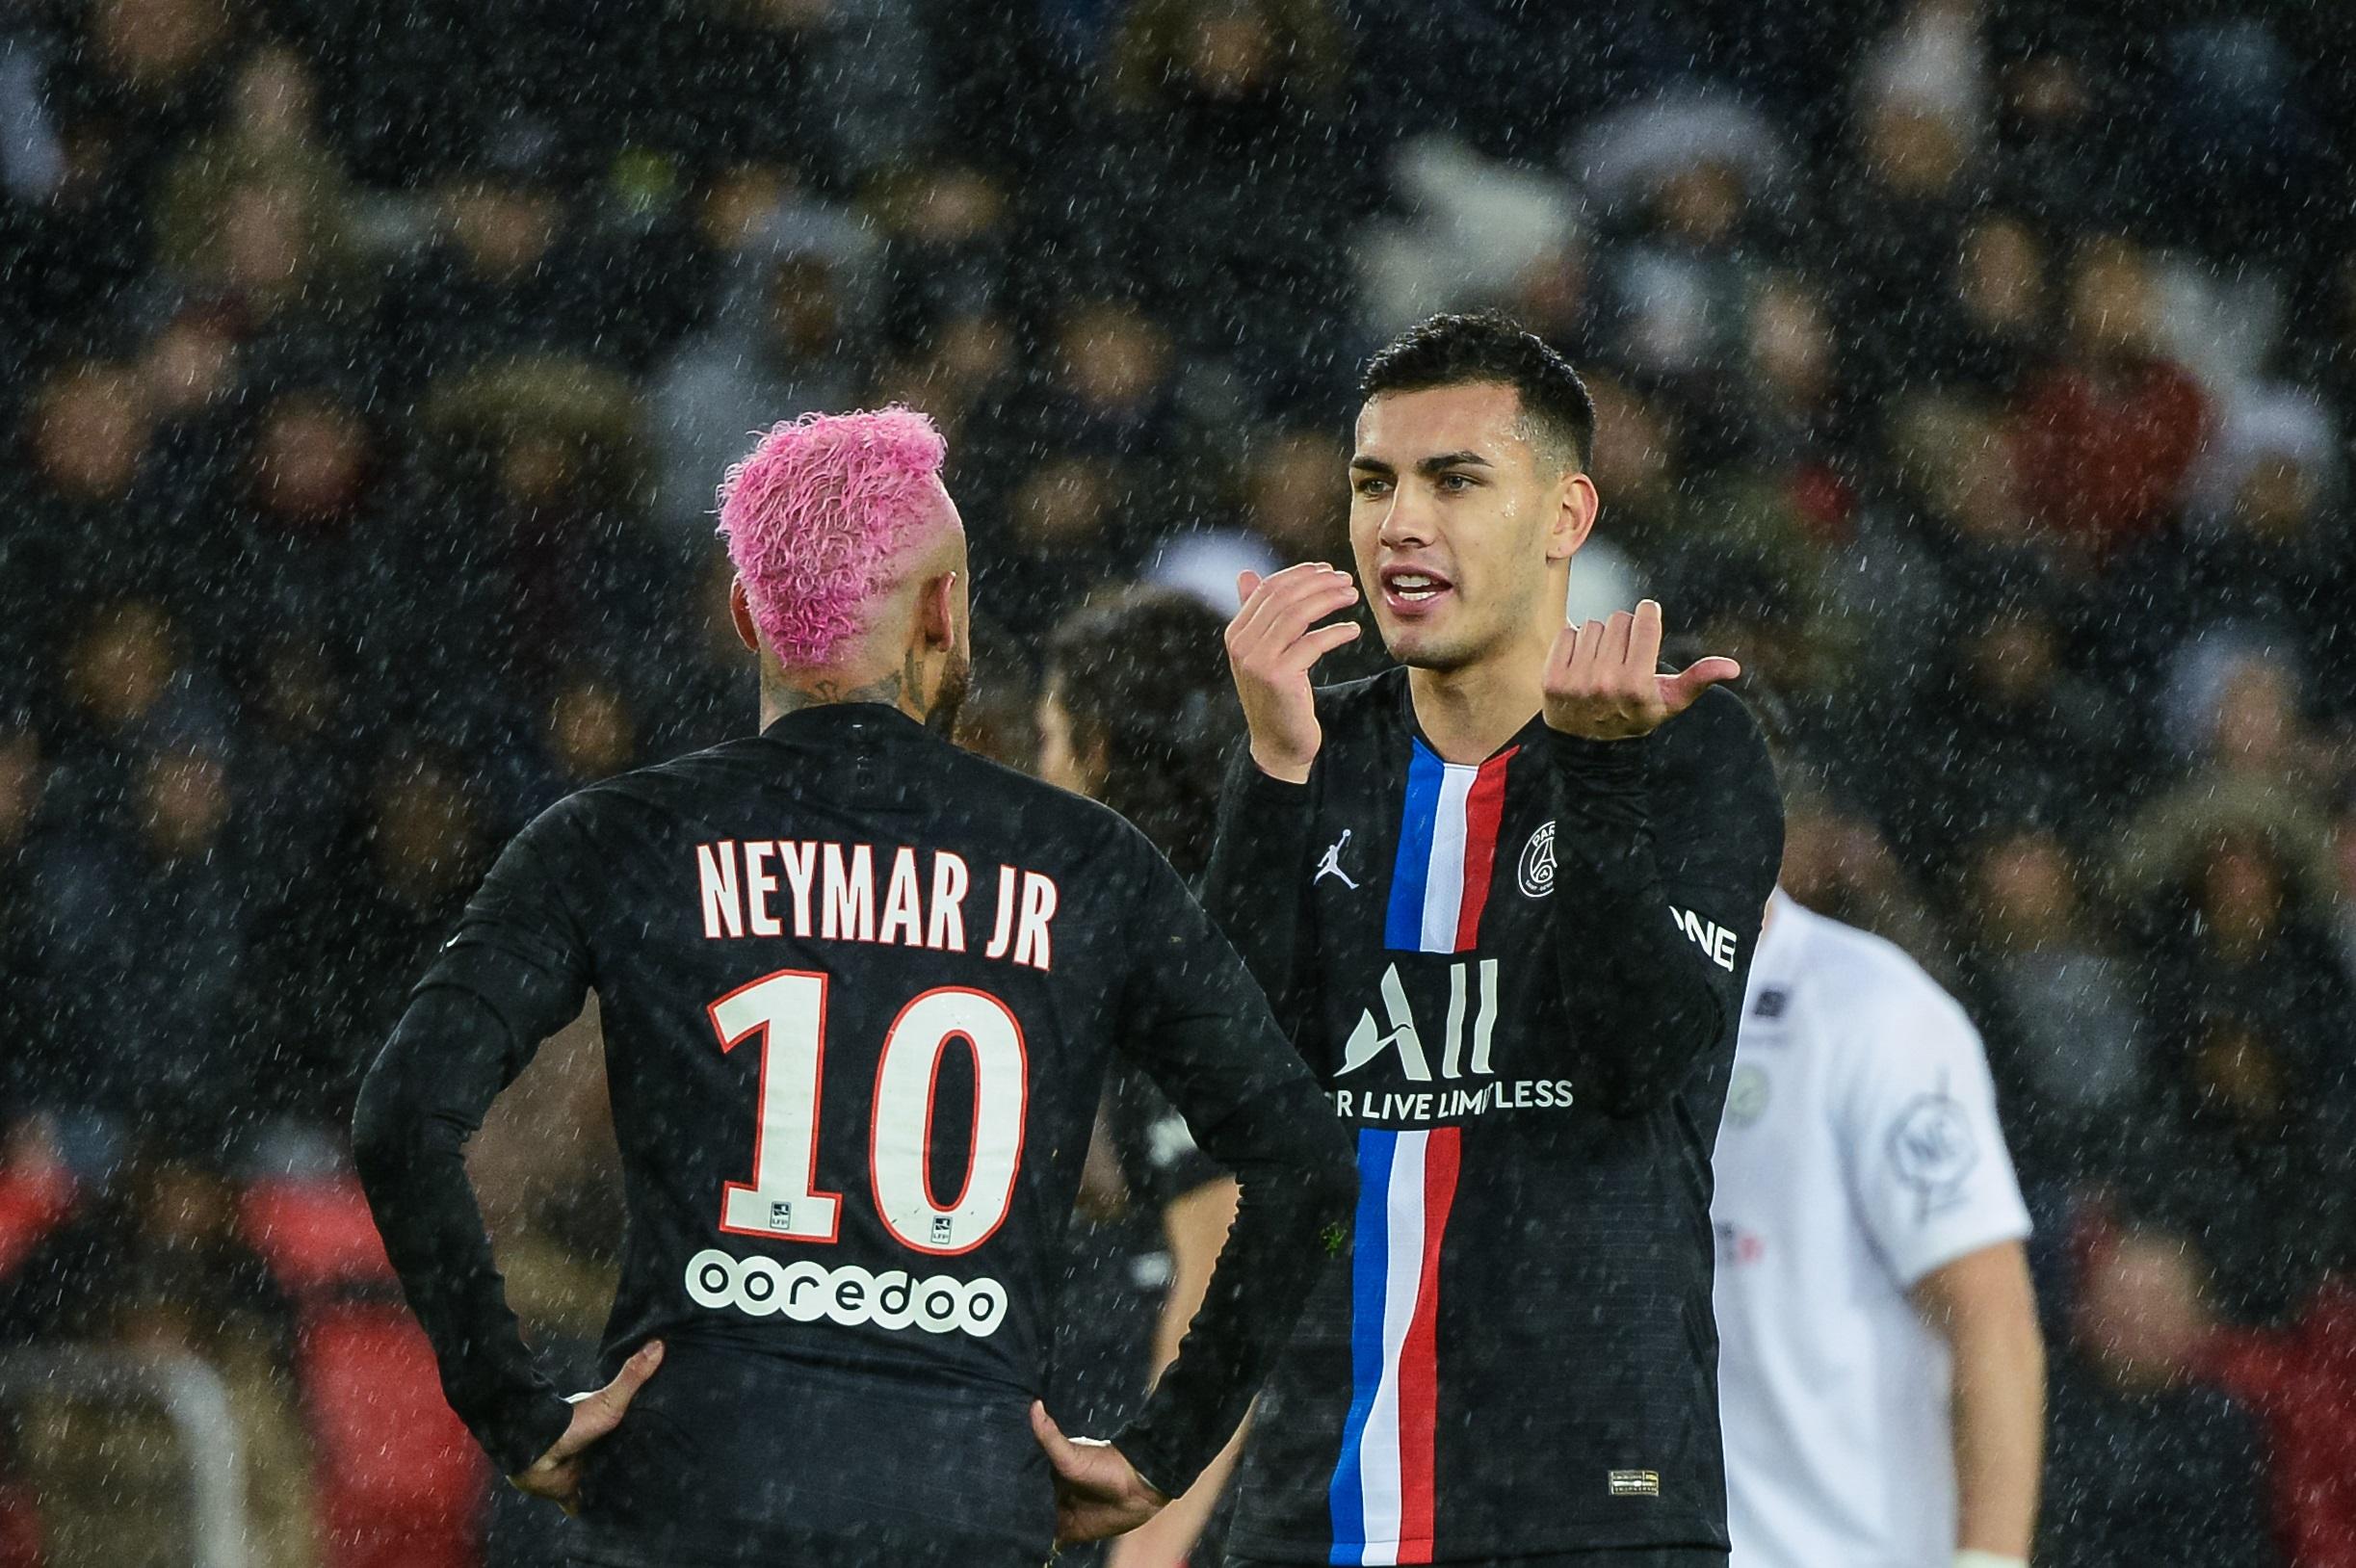 """Paredes évoque la mentalité au PSG, fait l'éloge Verratti et assure que Neymar """"va rester"""""""